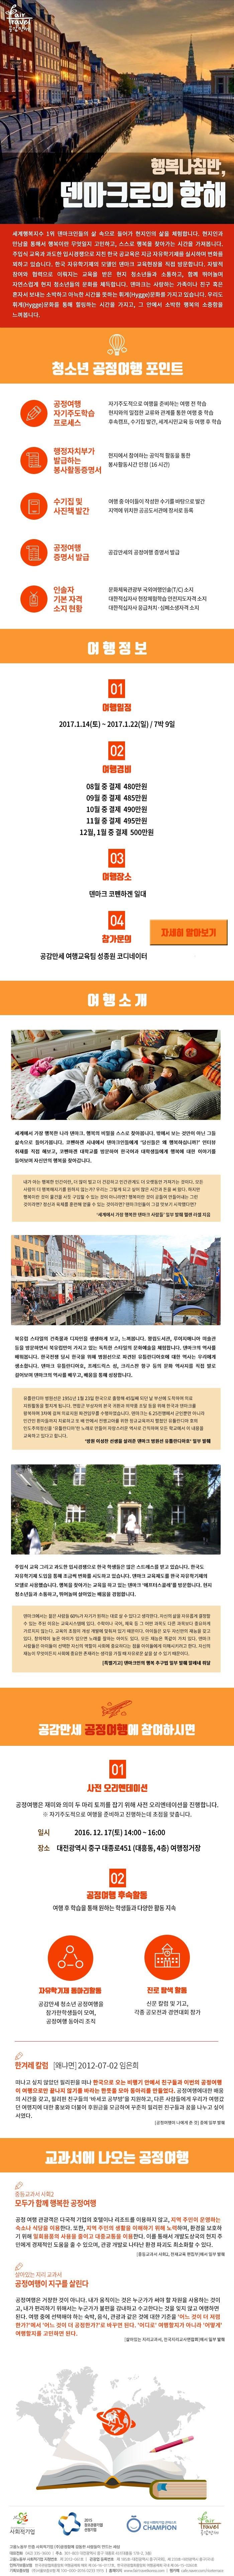 [공감만세] 7박 9일 덴마크로 떠나는 청소년 여행학교